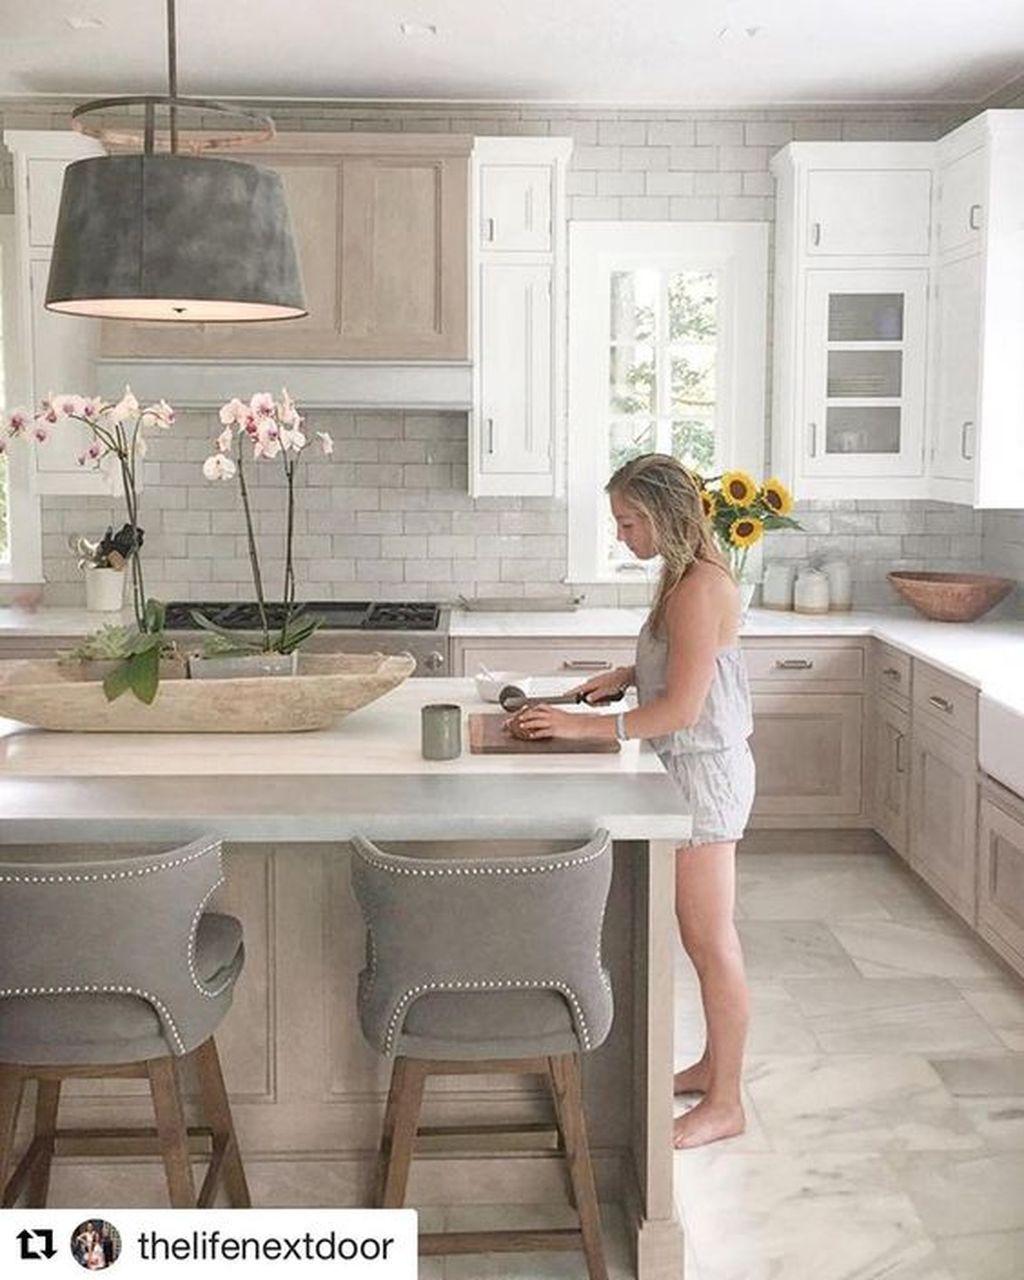 40 Popular Modern Farmhouse Kitchen Backsplash Ideas Popy Home Home Kitchens Kitchen Design Home Decor Kitchen